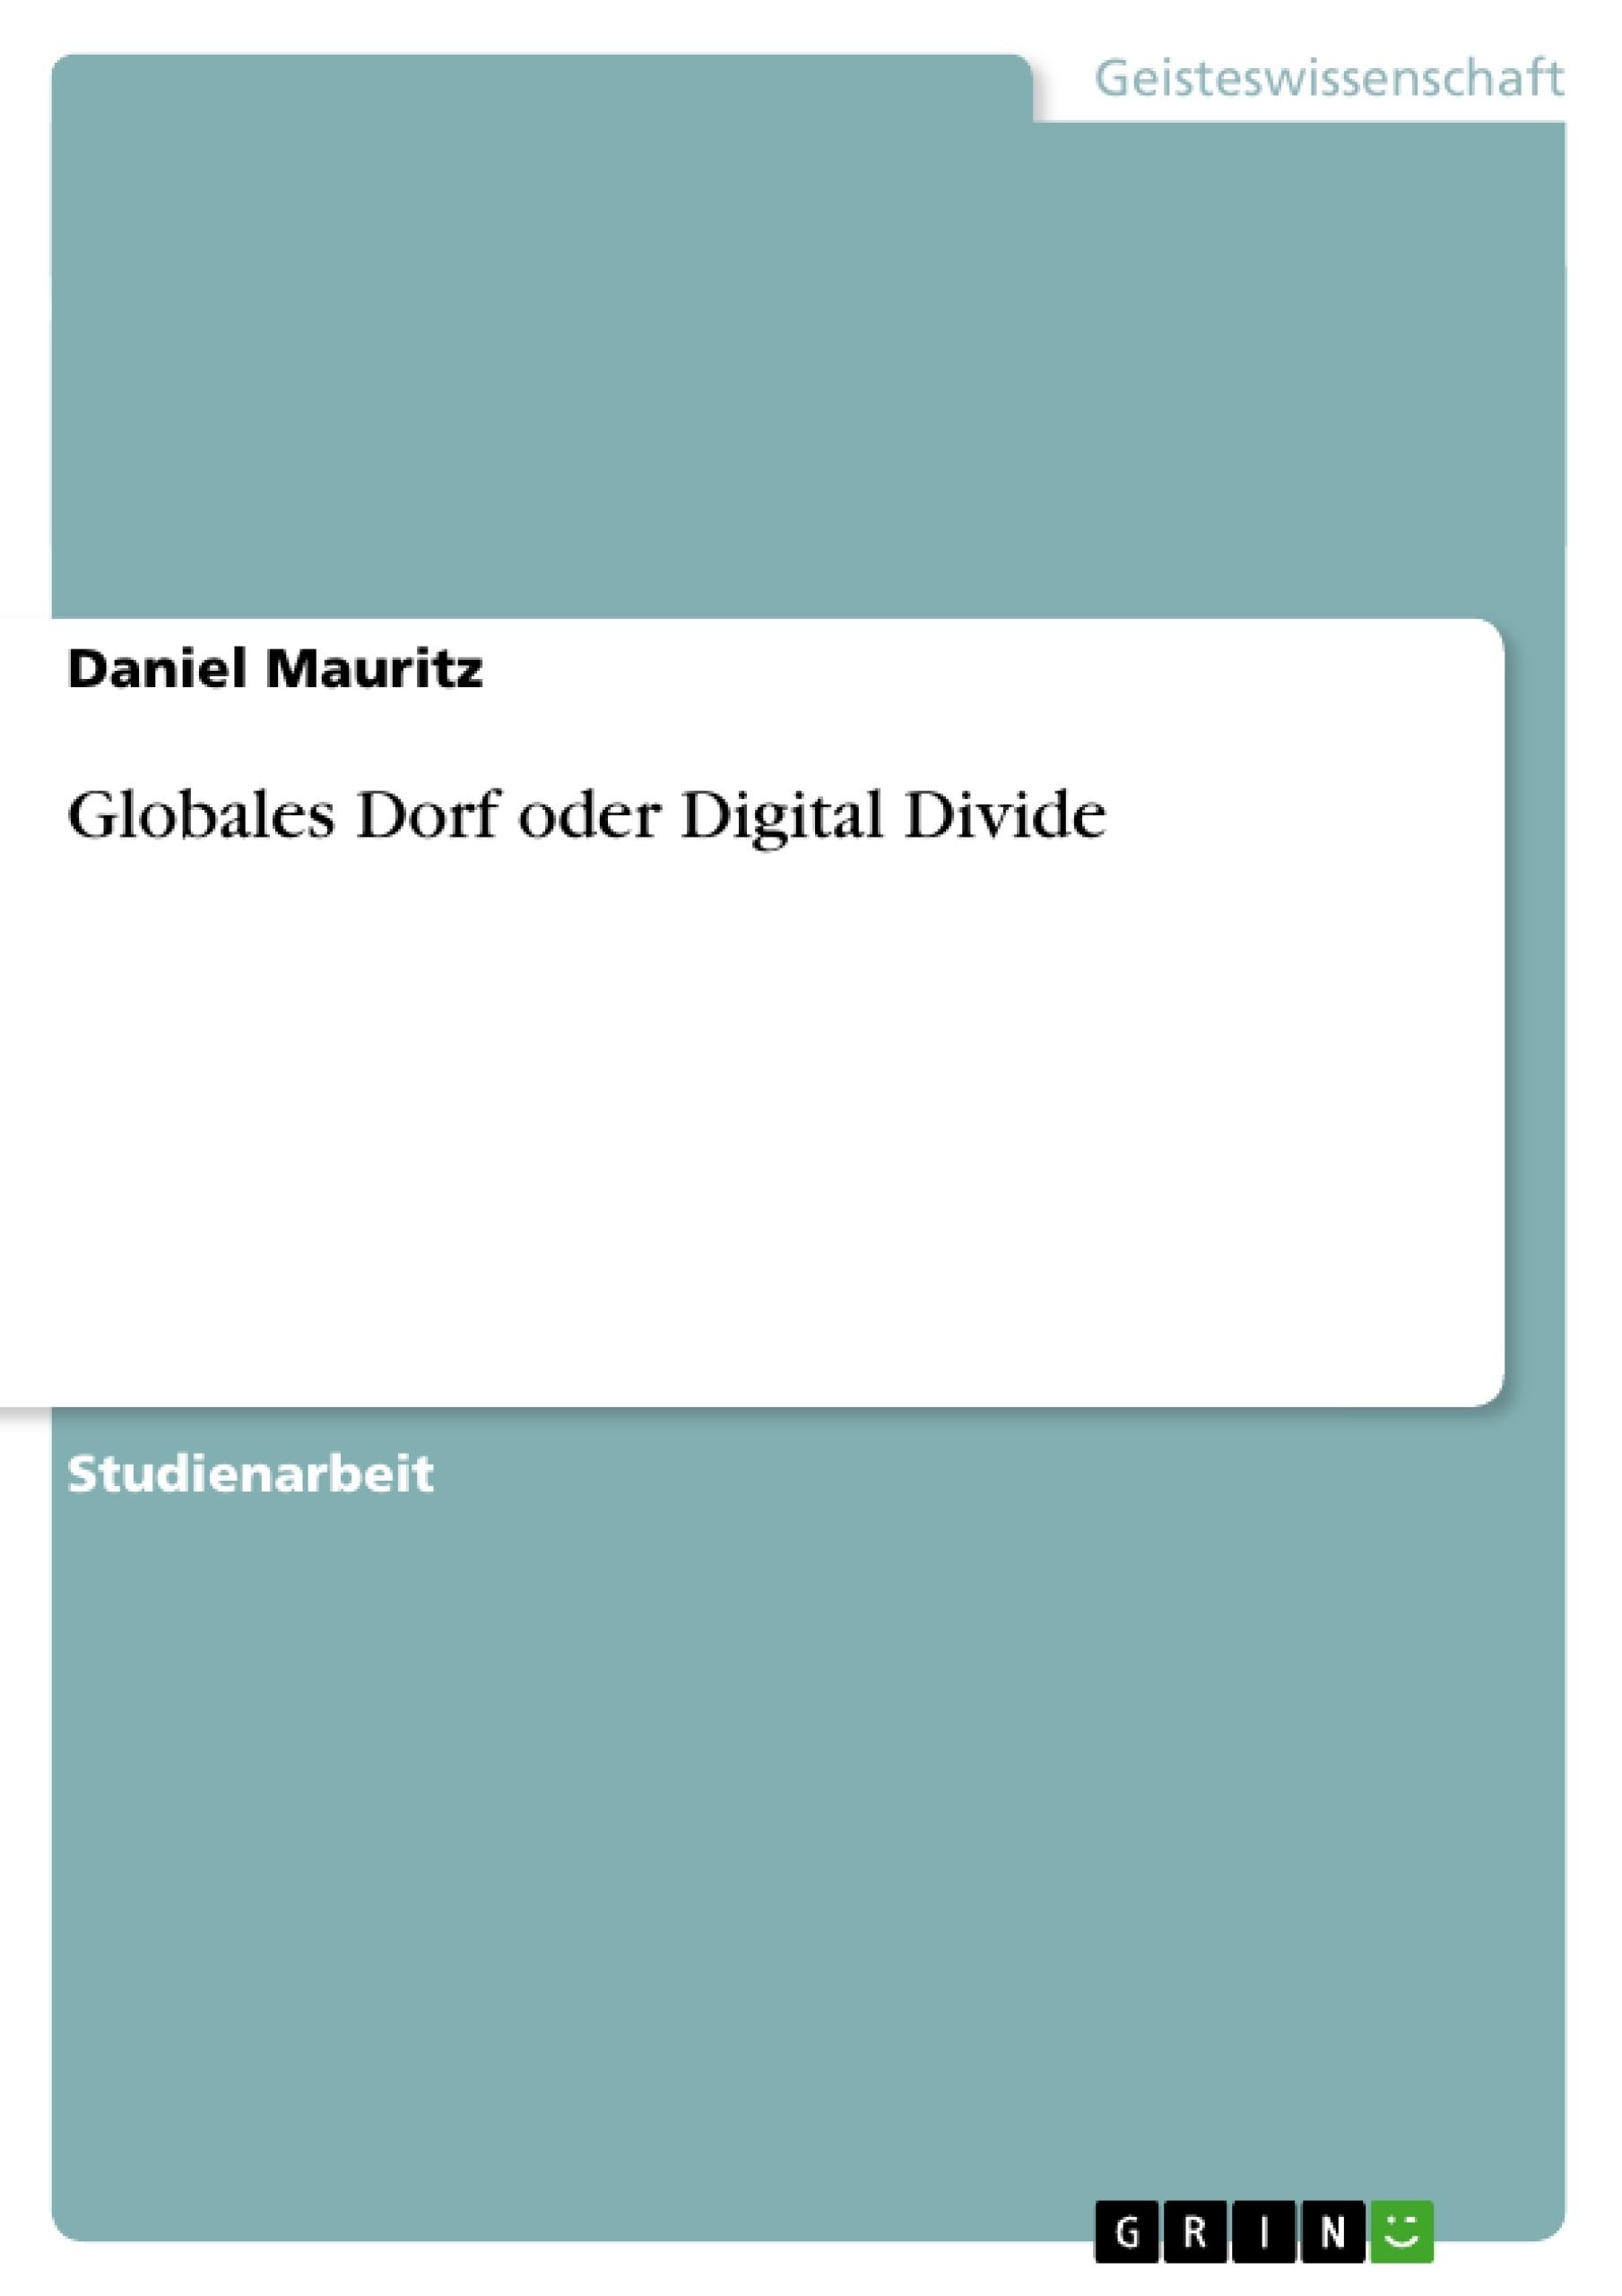 Titel: Globales Dorf oder Digital Divide